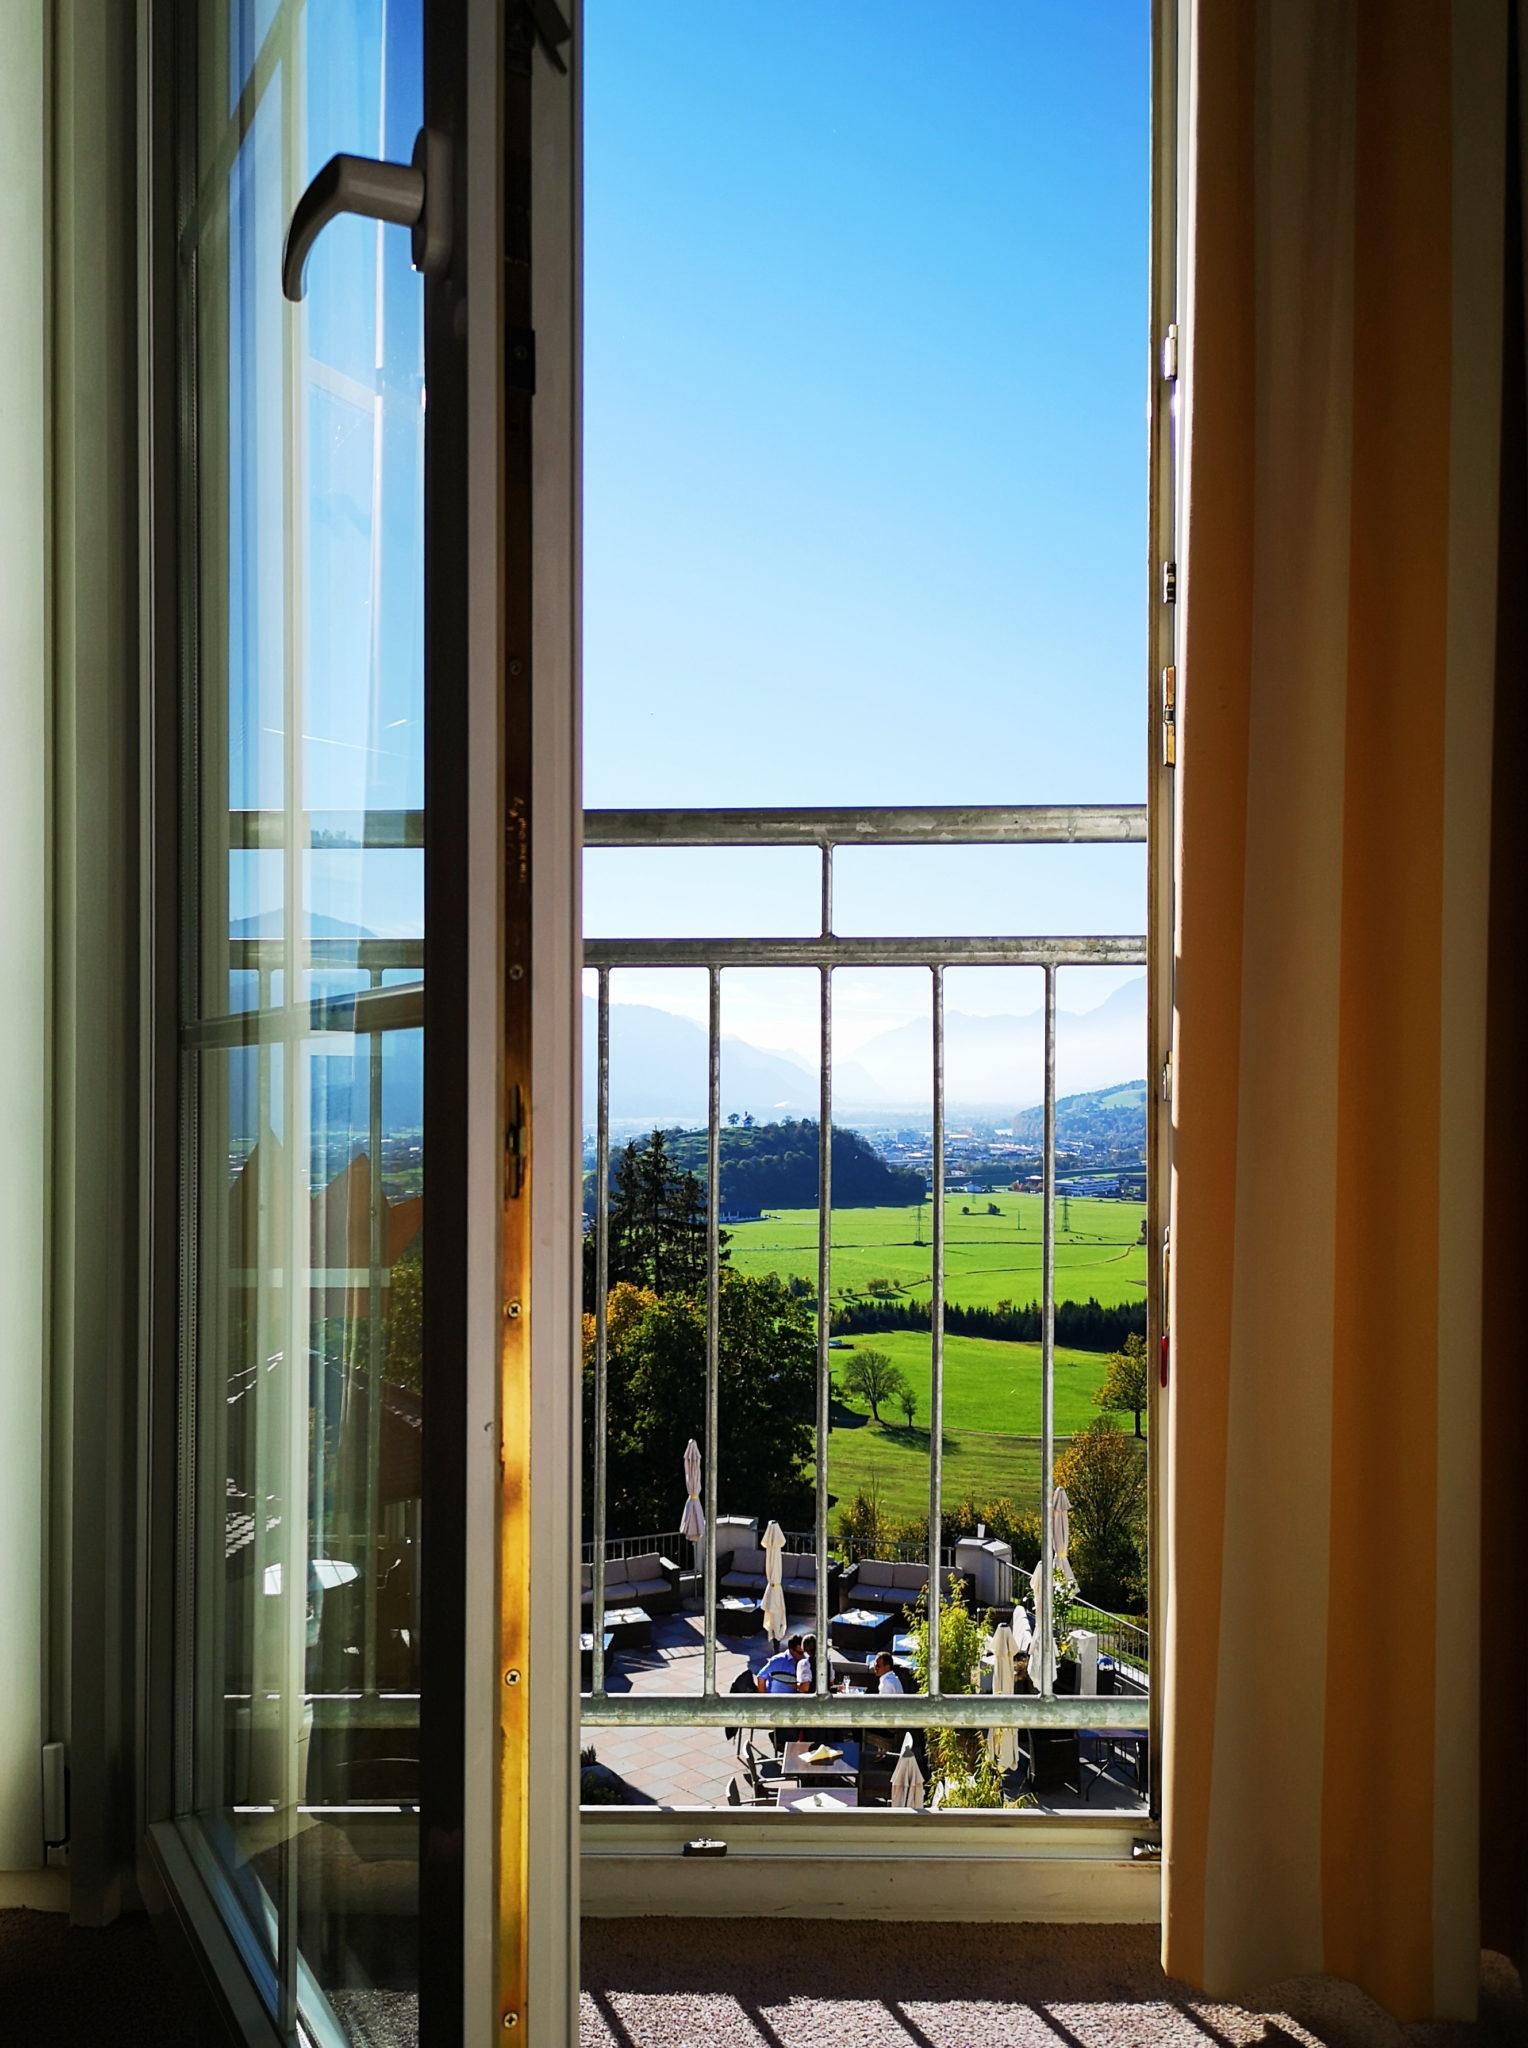 Widok z okna w hotelu Panorama Royal na łąki i góry Tyrolu